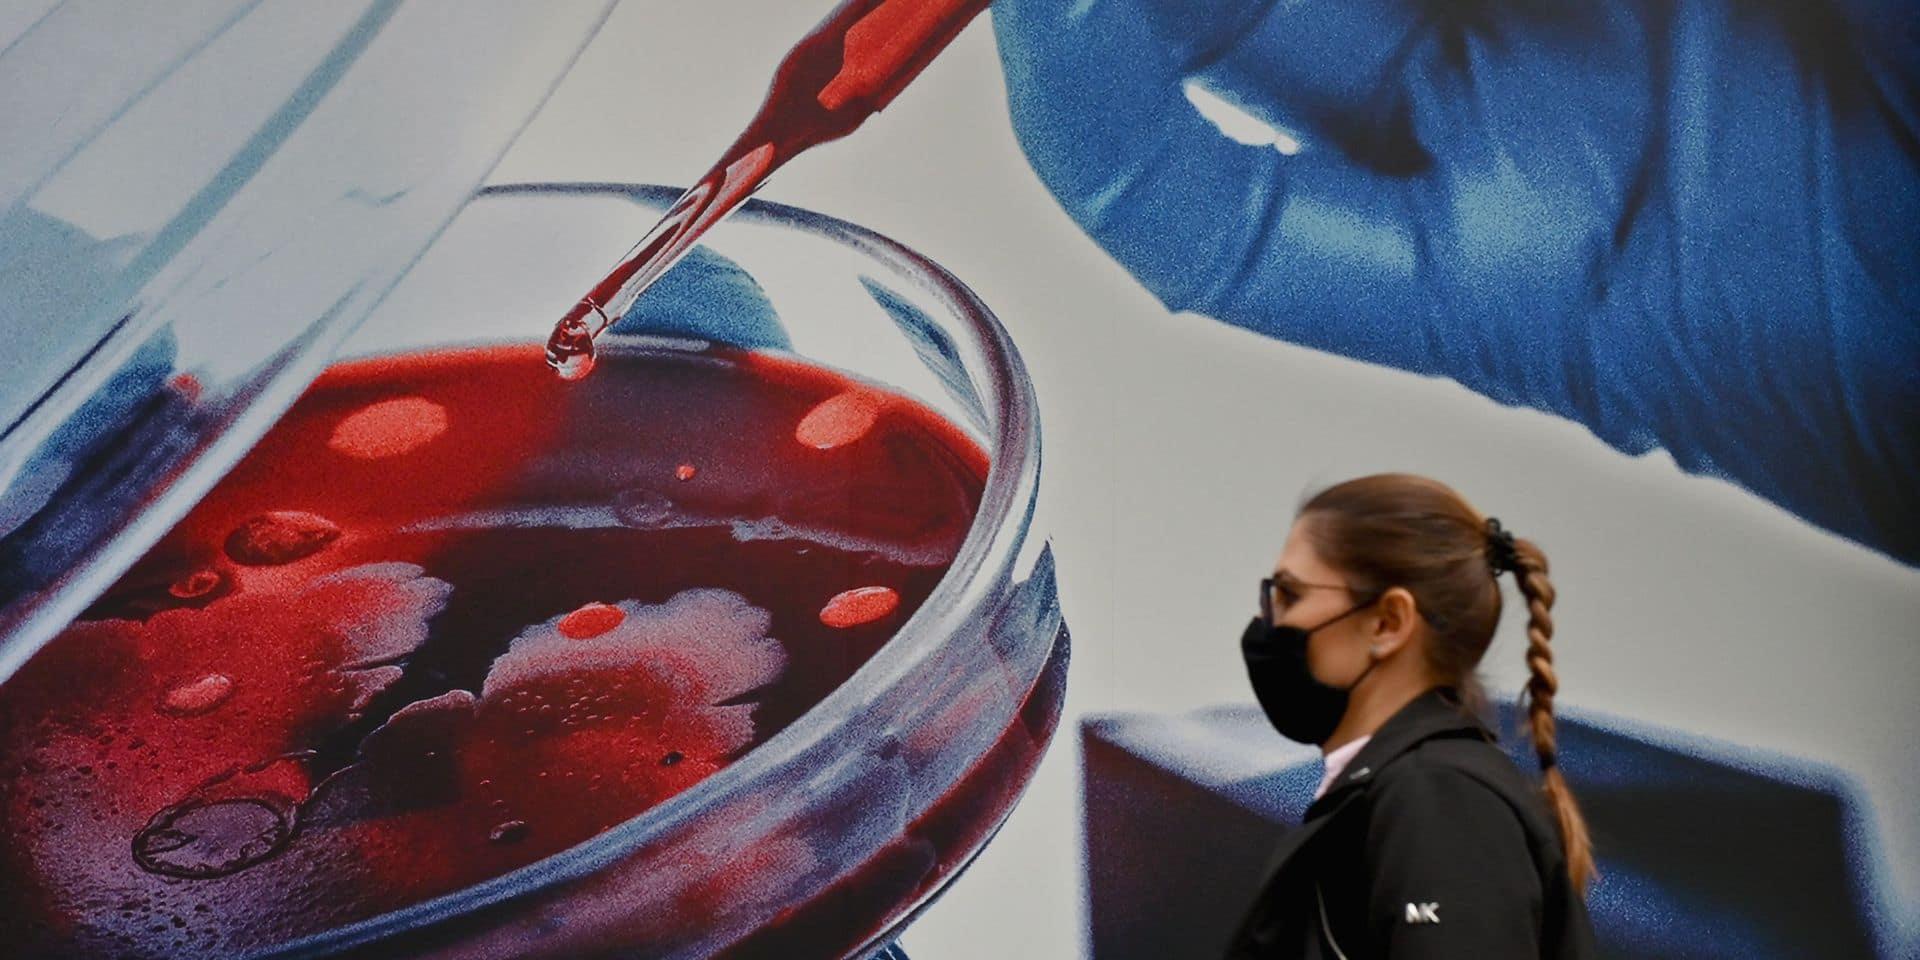 Vaccin Pfizer/BioNTech: un comité consultatif aux Etats-Unis recommande l'autorisation